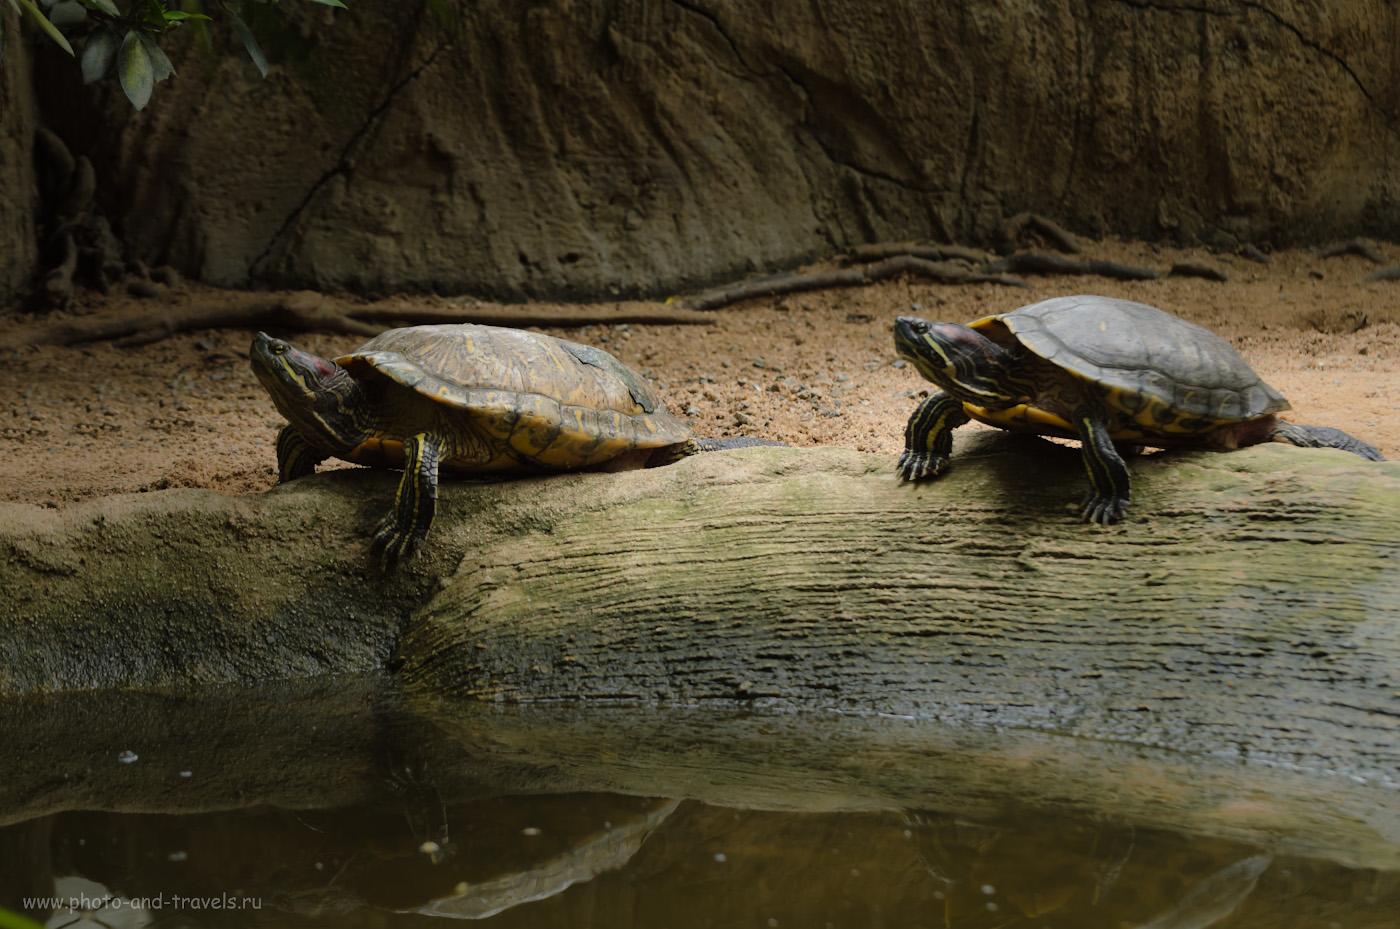 23. Отражения смотрелись бы интереснее. Тропический парк Нонг Нуч в Паттайе. Отзывы туристов о самостоятельной экскурсии во время отдыха в Таиланде.